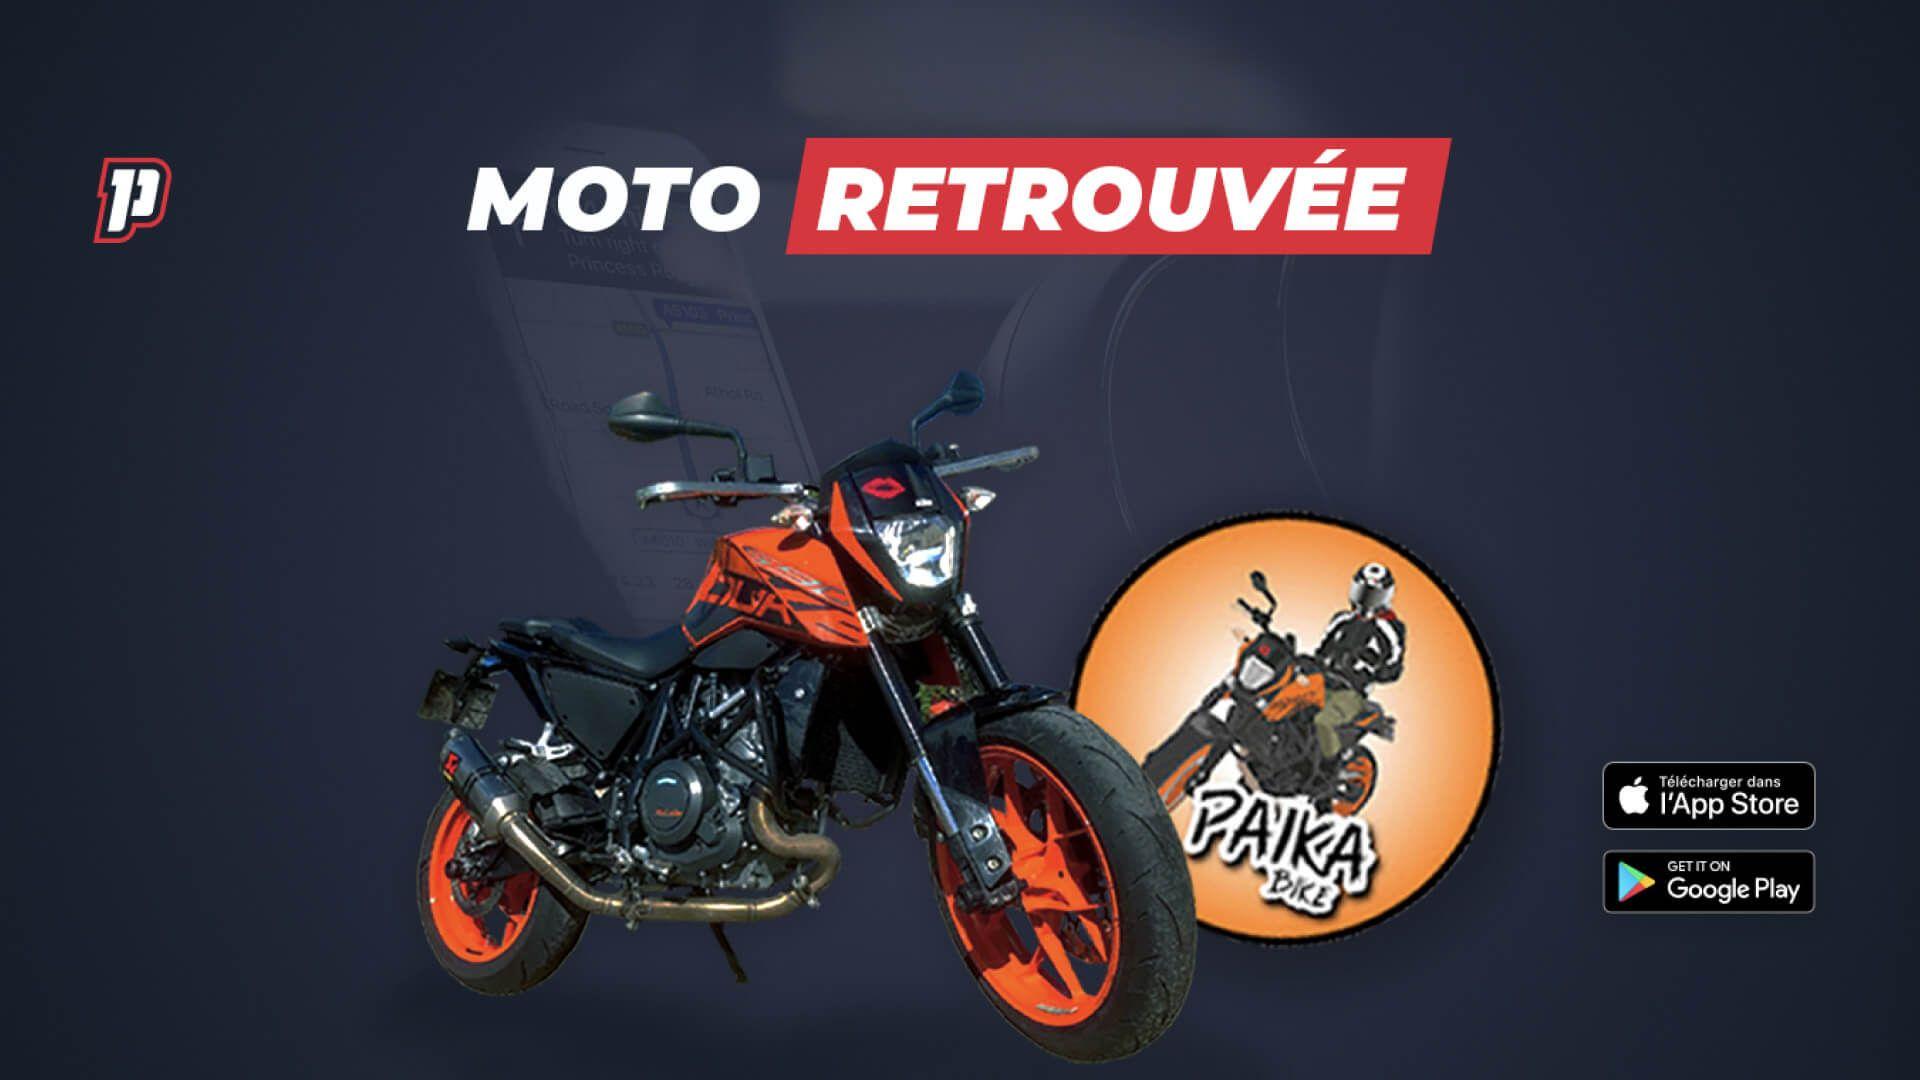 Moto Paika Bike retrouvée